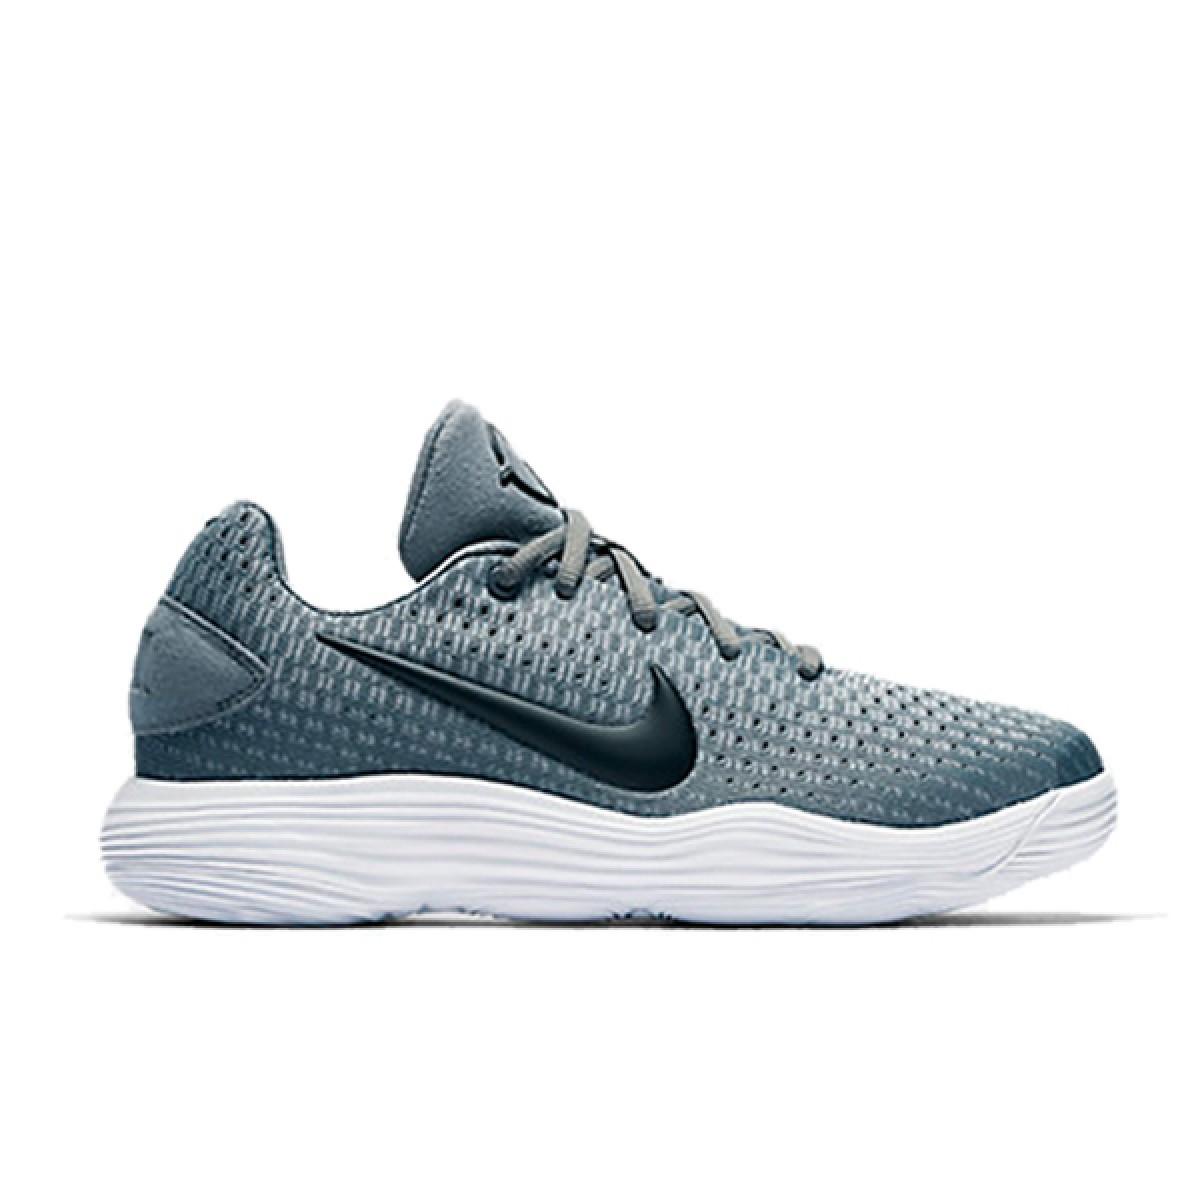 Nike Hyperdunk 2017 GS Low 'Grey'